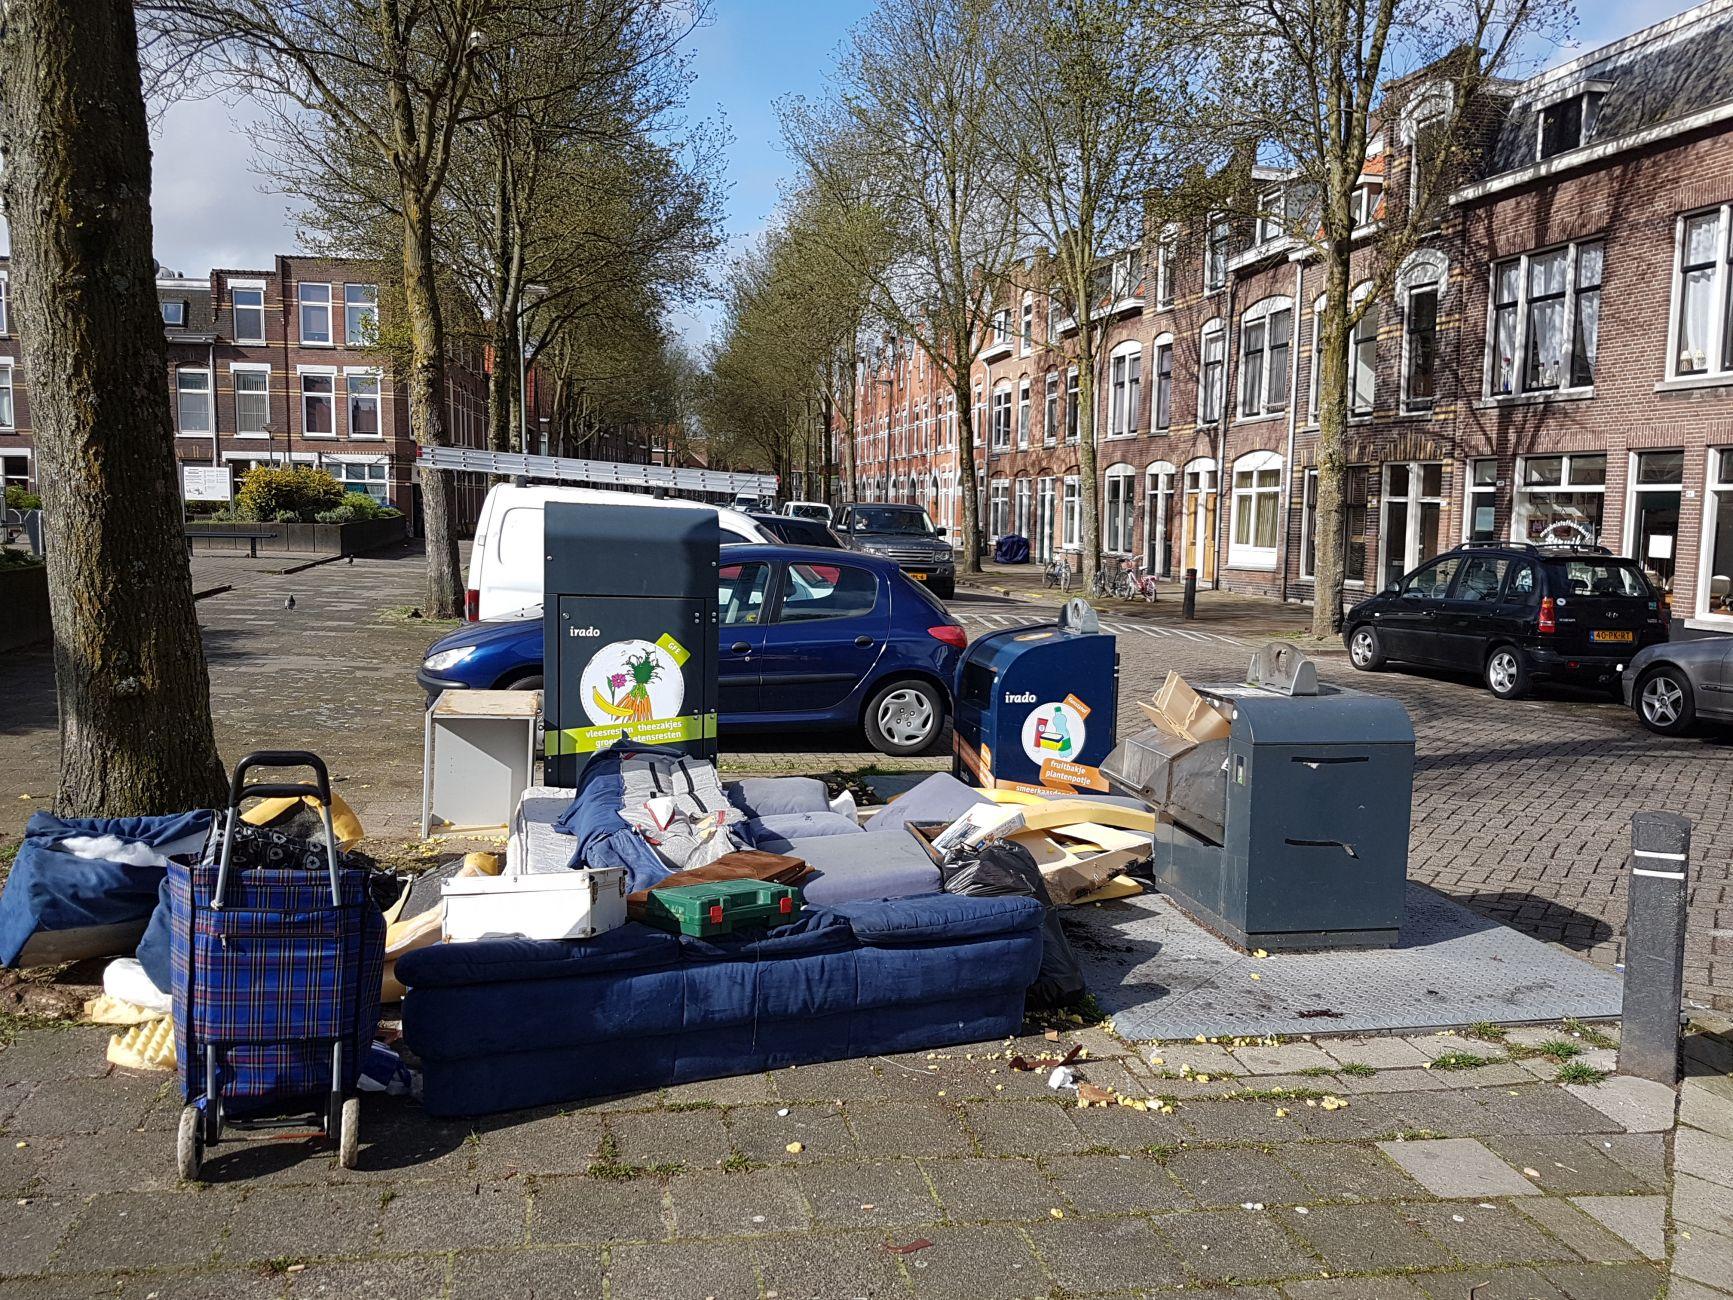 Strijd tegen vuilbijplaatsingen: het blijft proberen